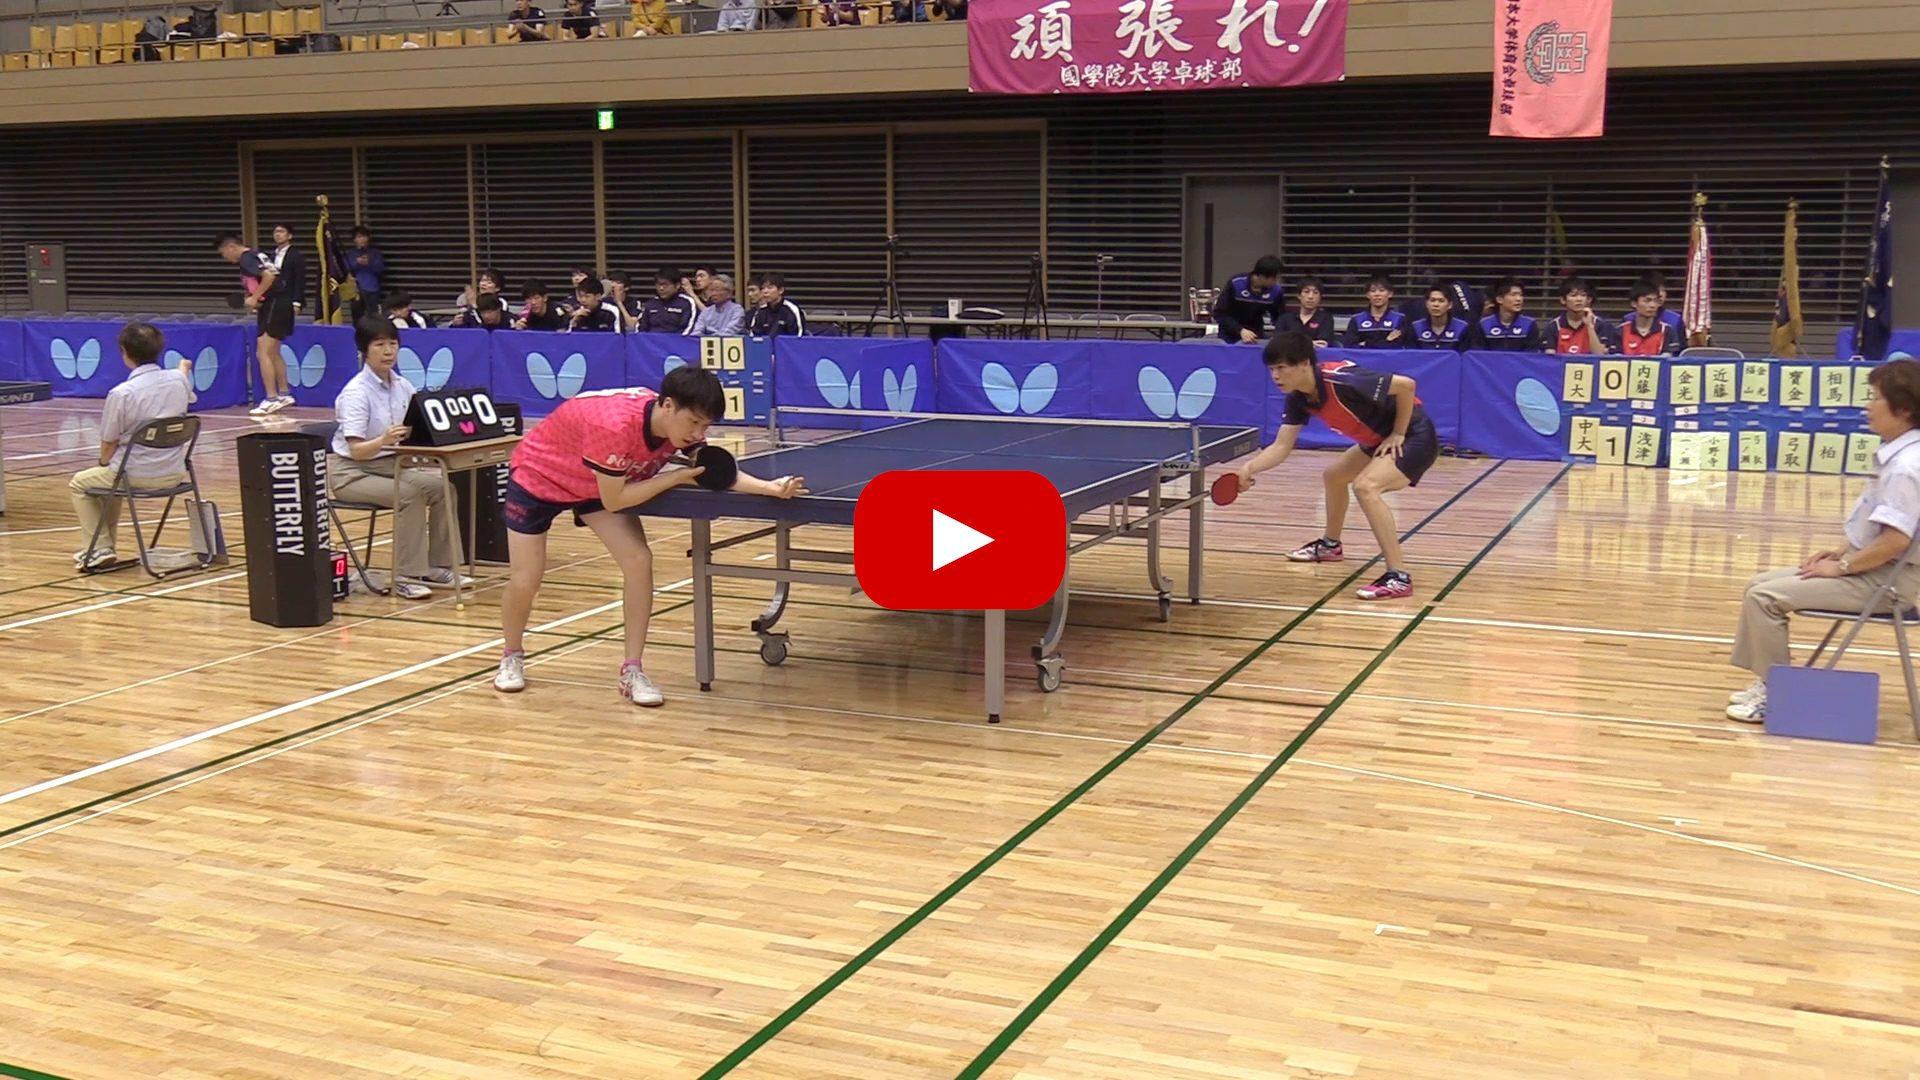 【卓球動画解説】金光宏暢(日本大)vs 一ノ瀬拓巳(中央大)|今日の1試合